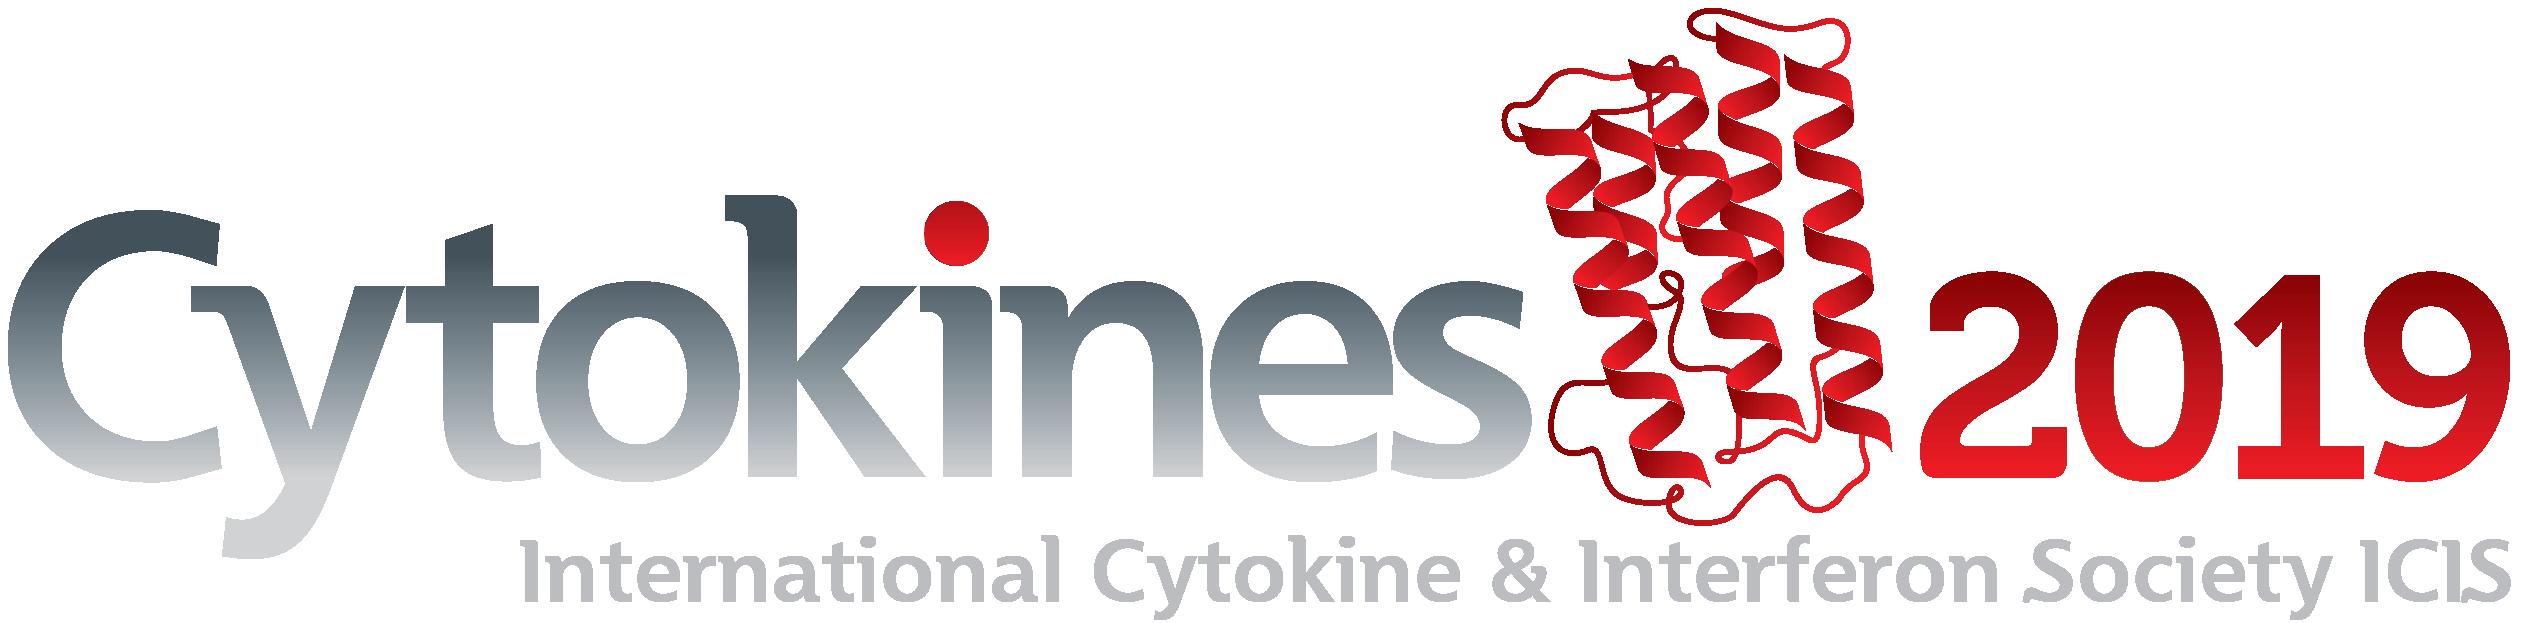 Cytokines 2019